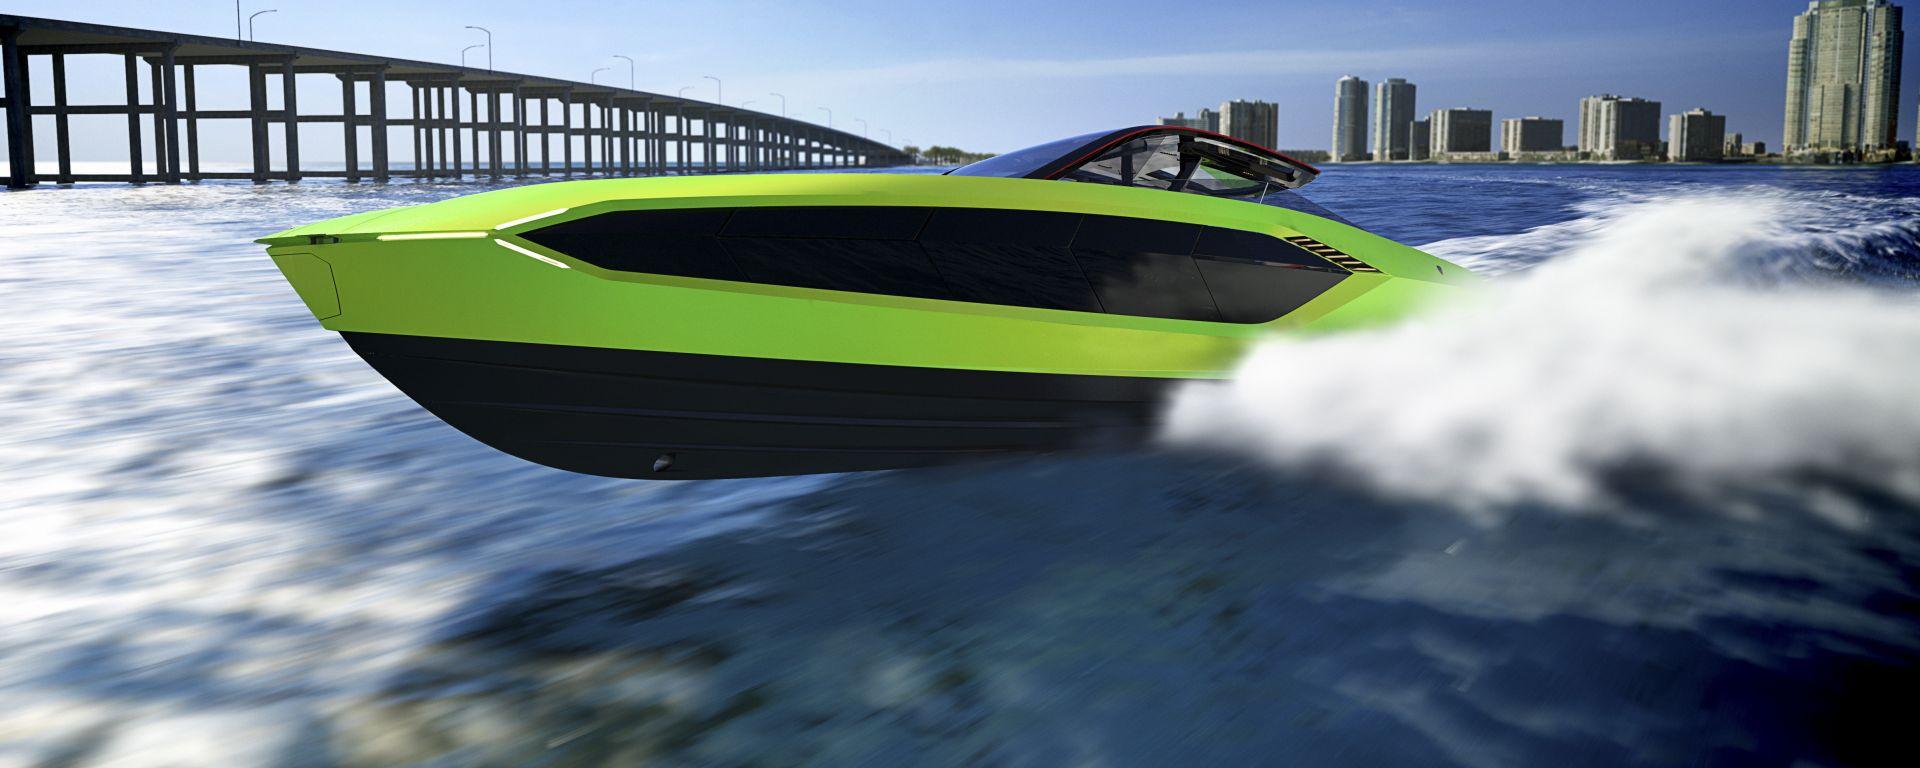 Tecnomar for Lamborghini 63: come una Lamborghini Sian...acquatica